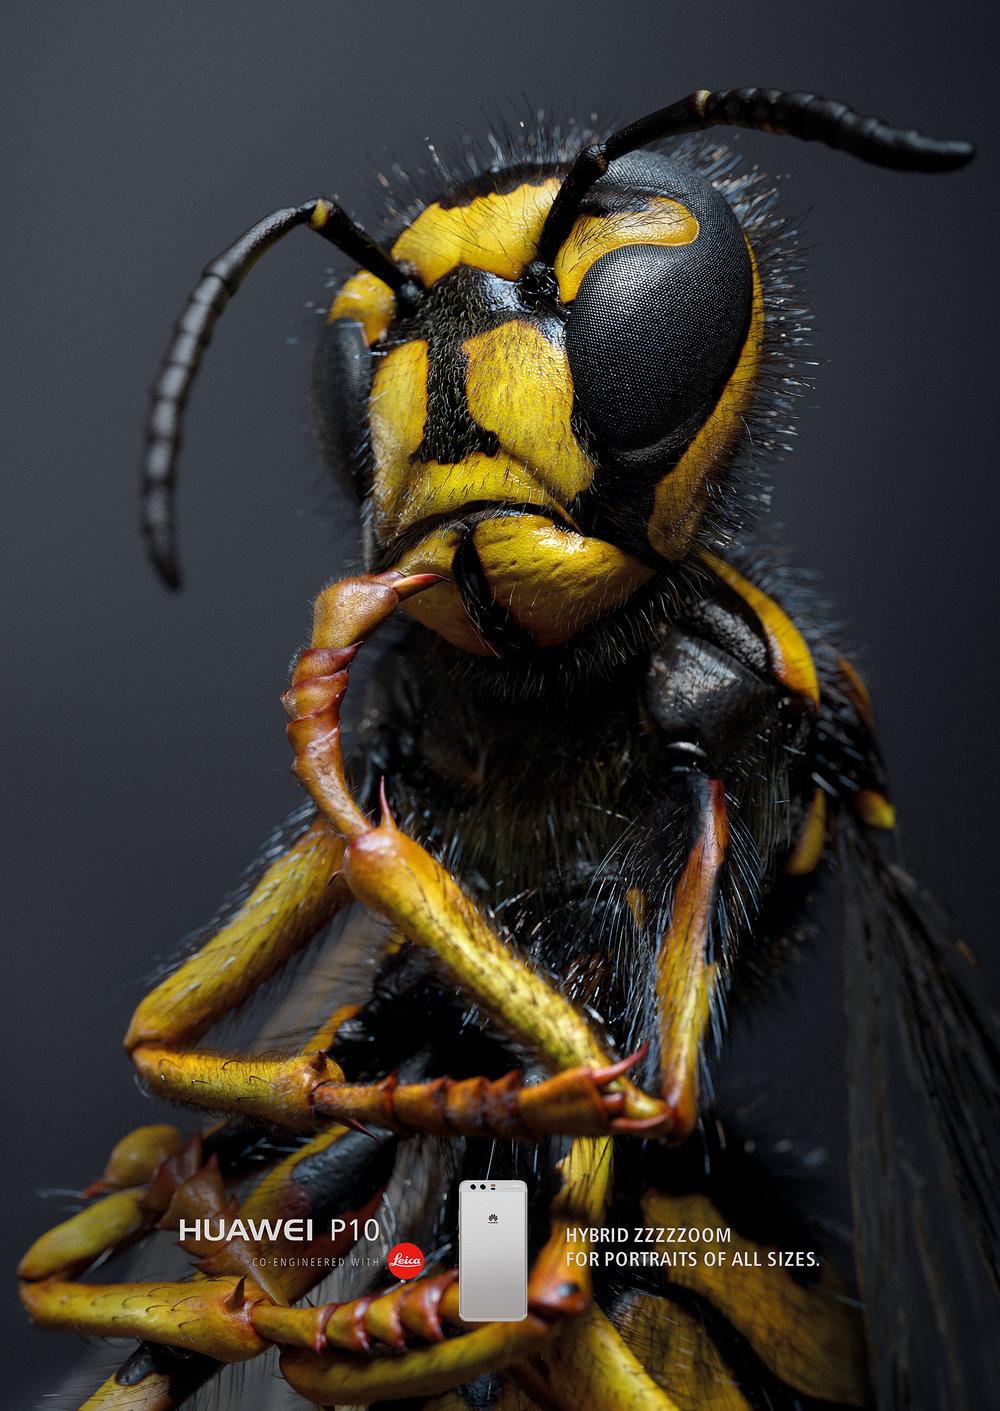 A_HuaweiP10_Wasp_Srgb.jpg